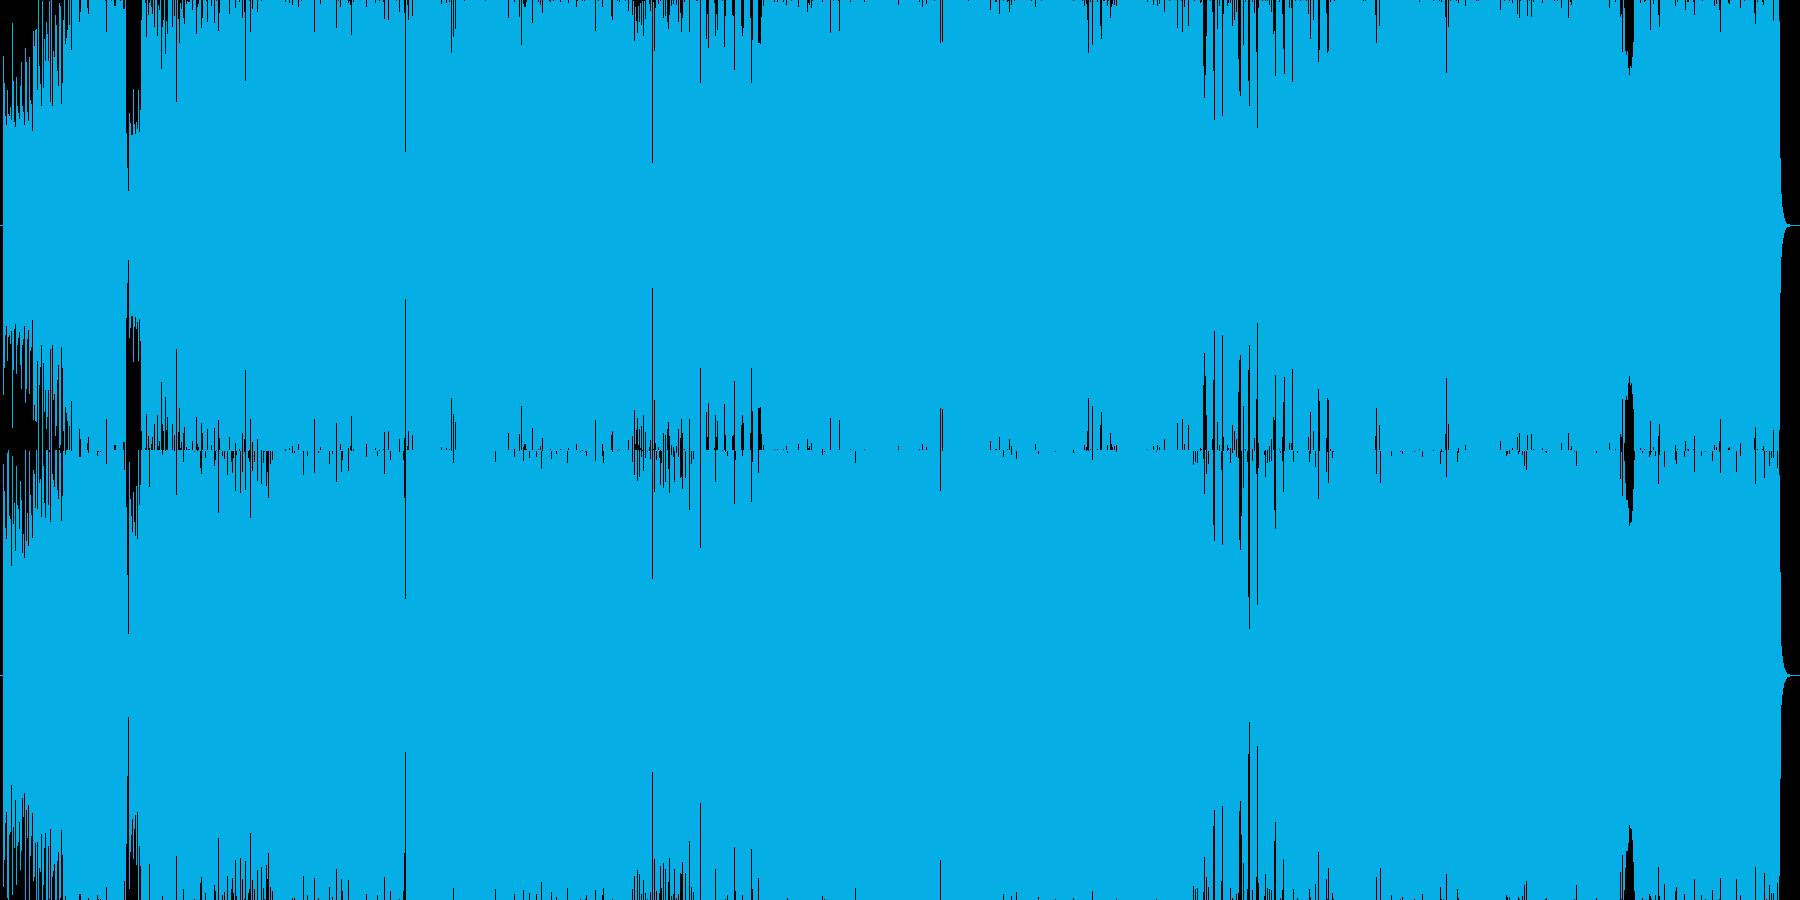 ほのぼの感と感動が混じる合唱系バラードの再生済みの波形